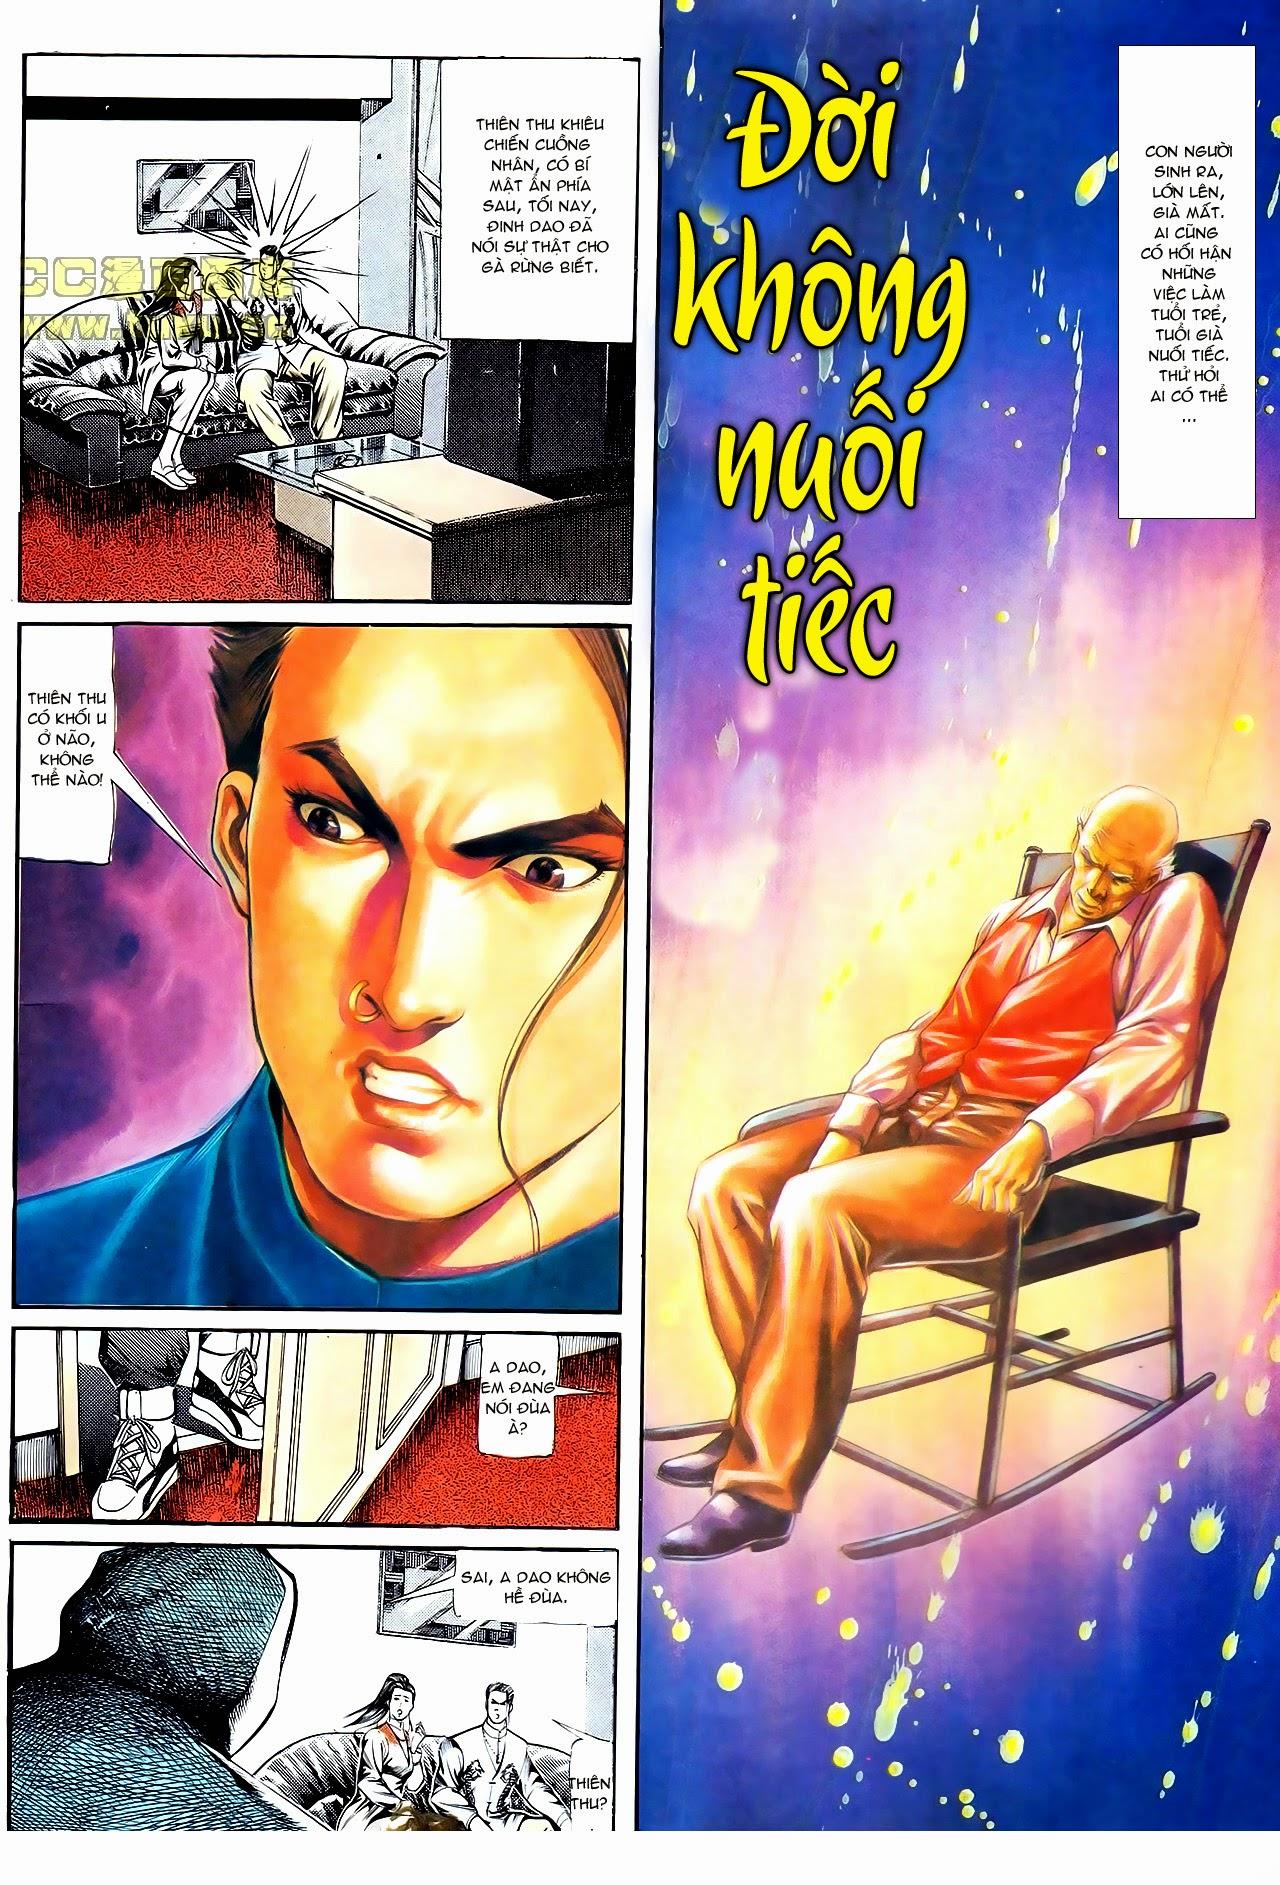 Người Trong Giang Hồ chapter 111: đời không nuối tiếc trang 8